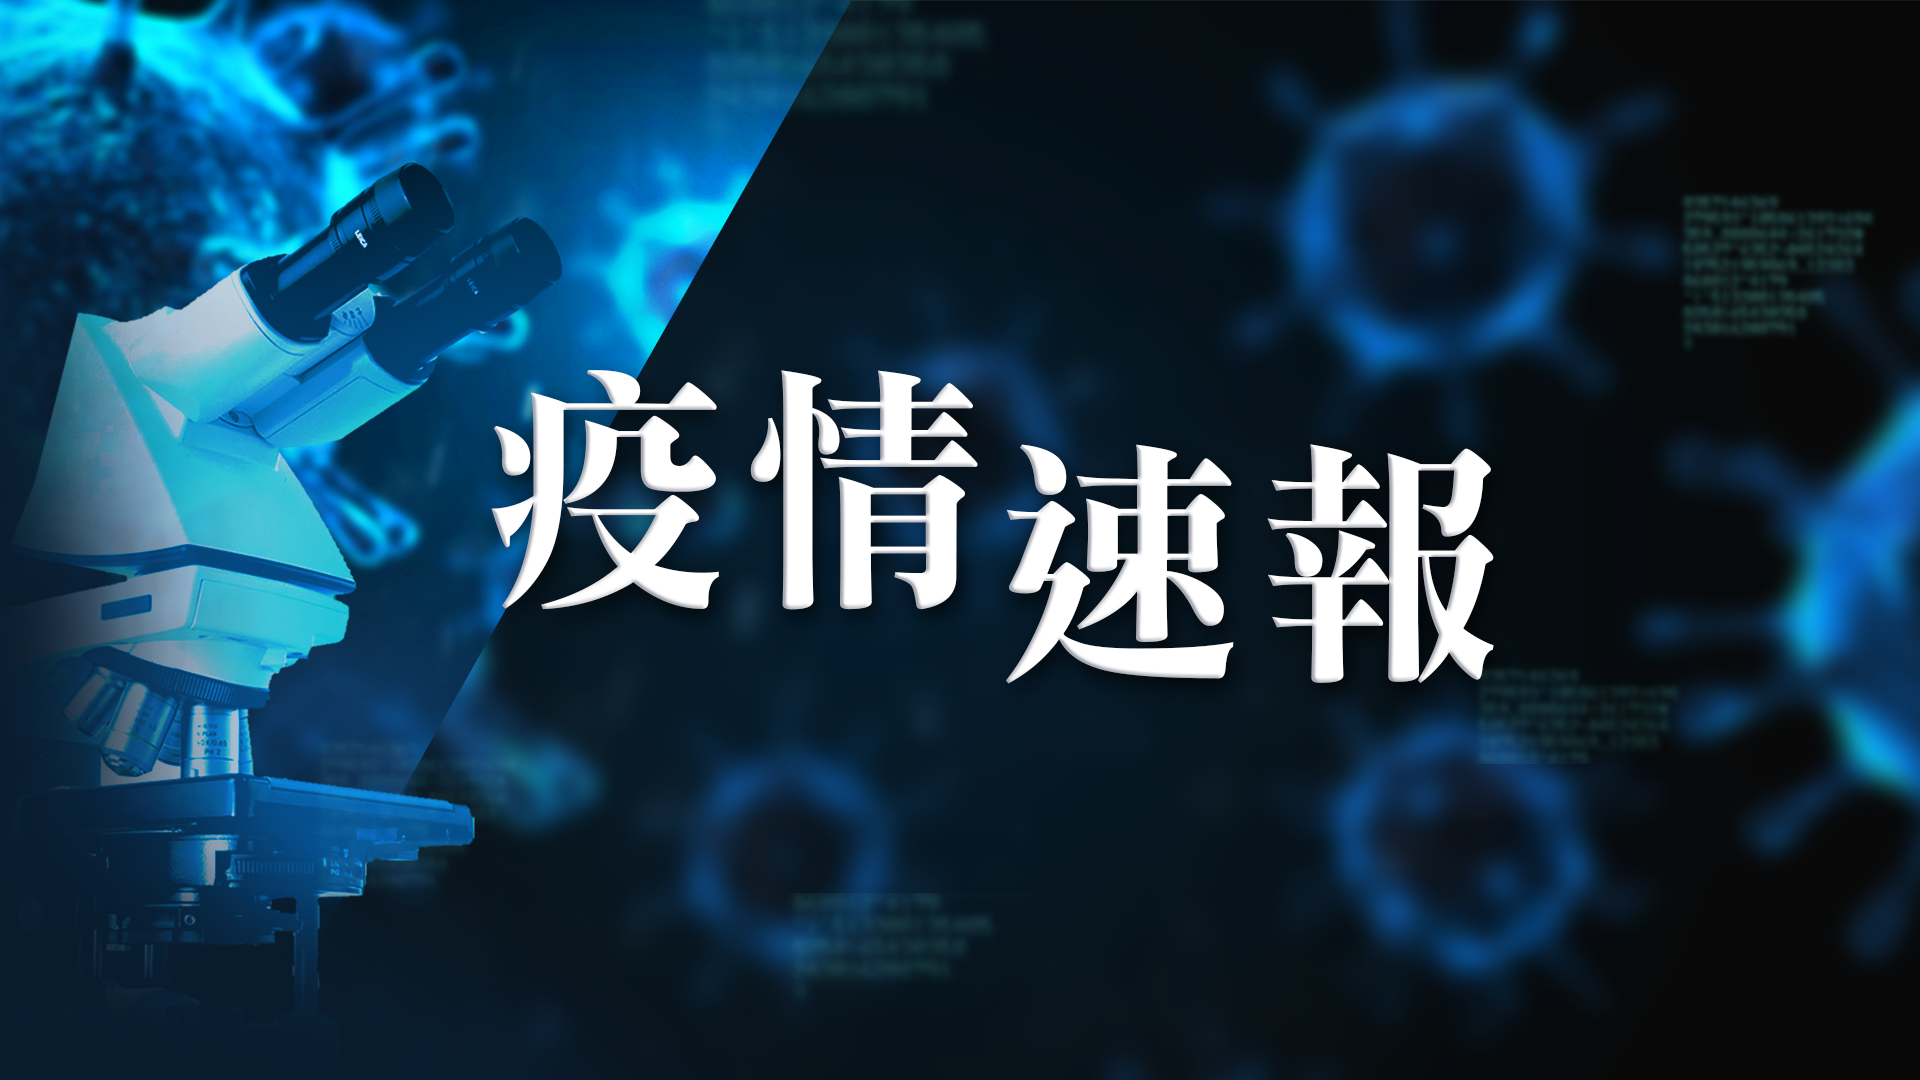 【9月25日疫情速報】(20:40)